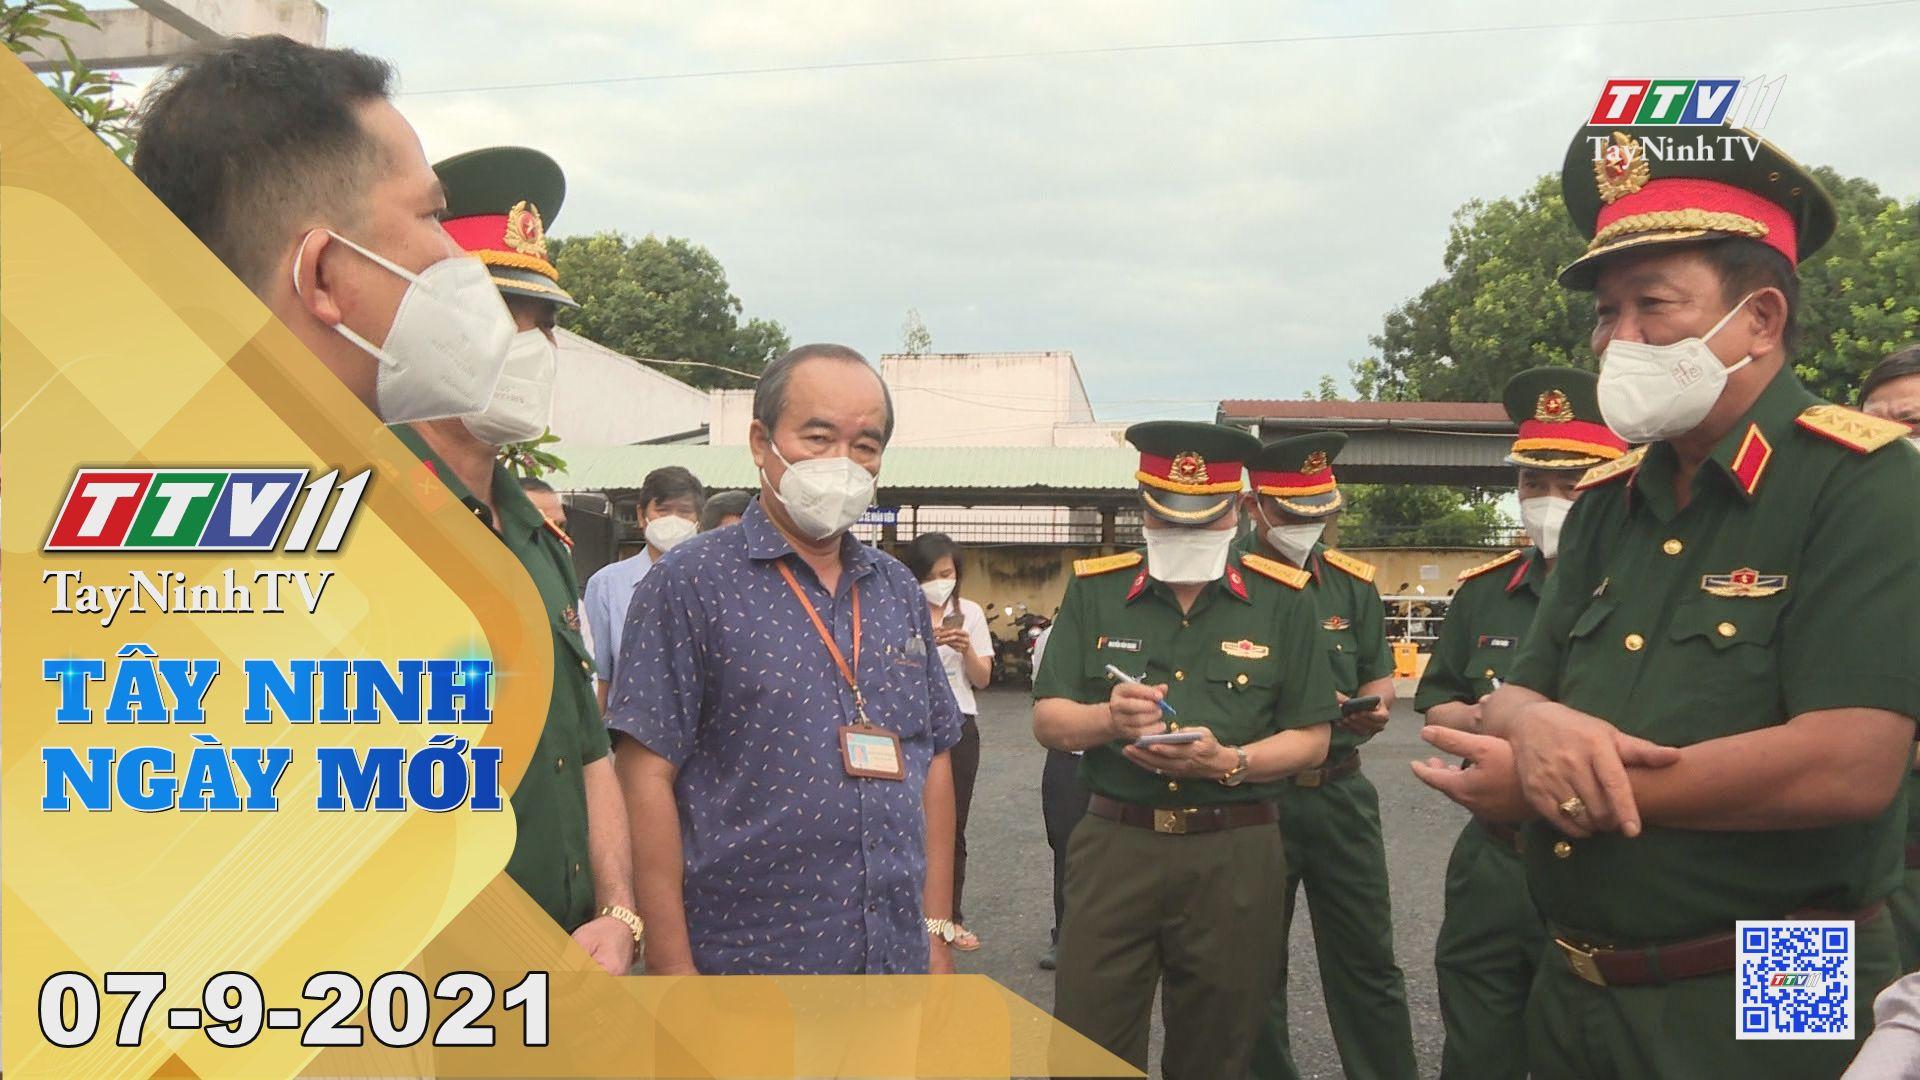 Tây Ninh Ngày Mới 07-9-2021 | Tin tức hôm nay | TayNinhTV